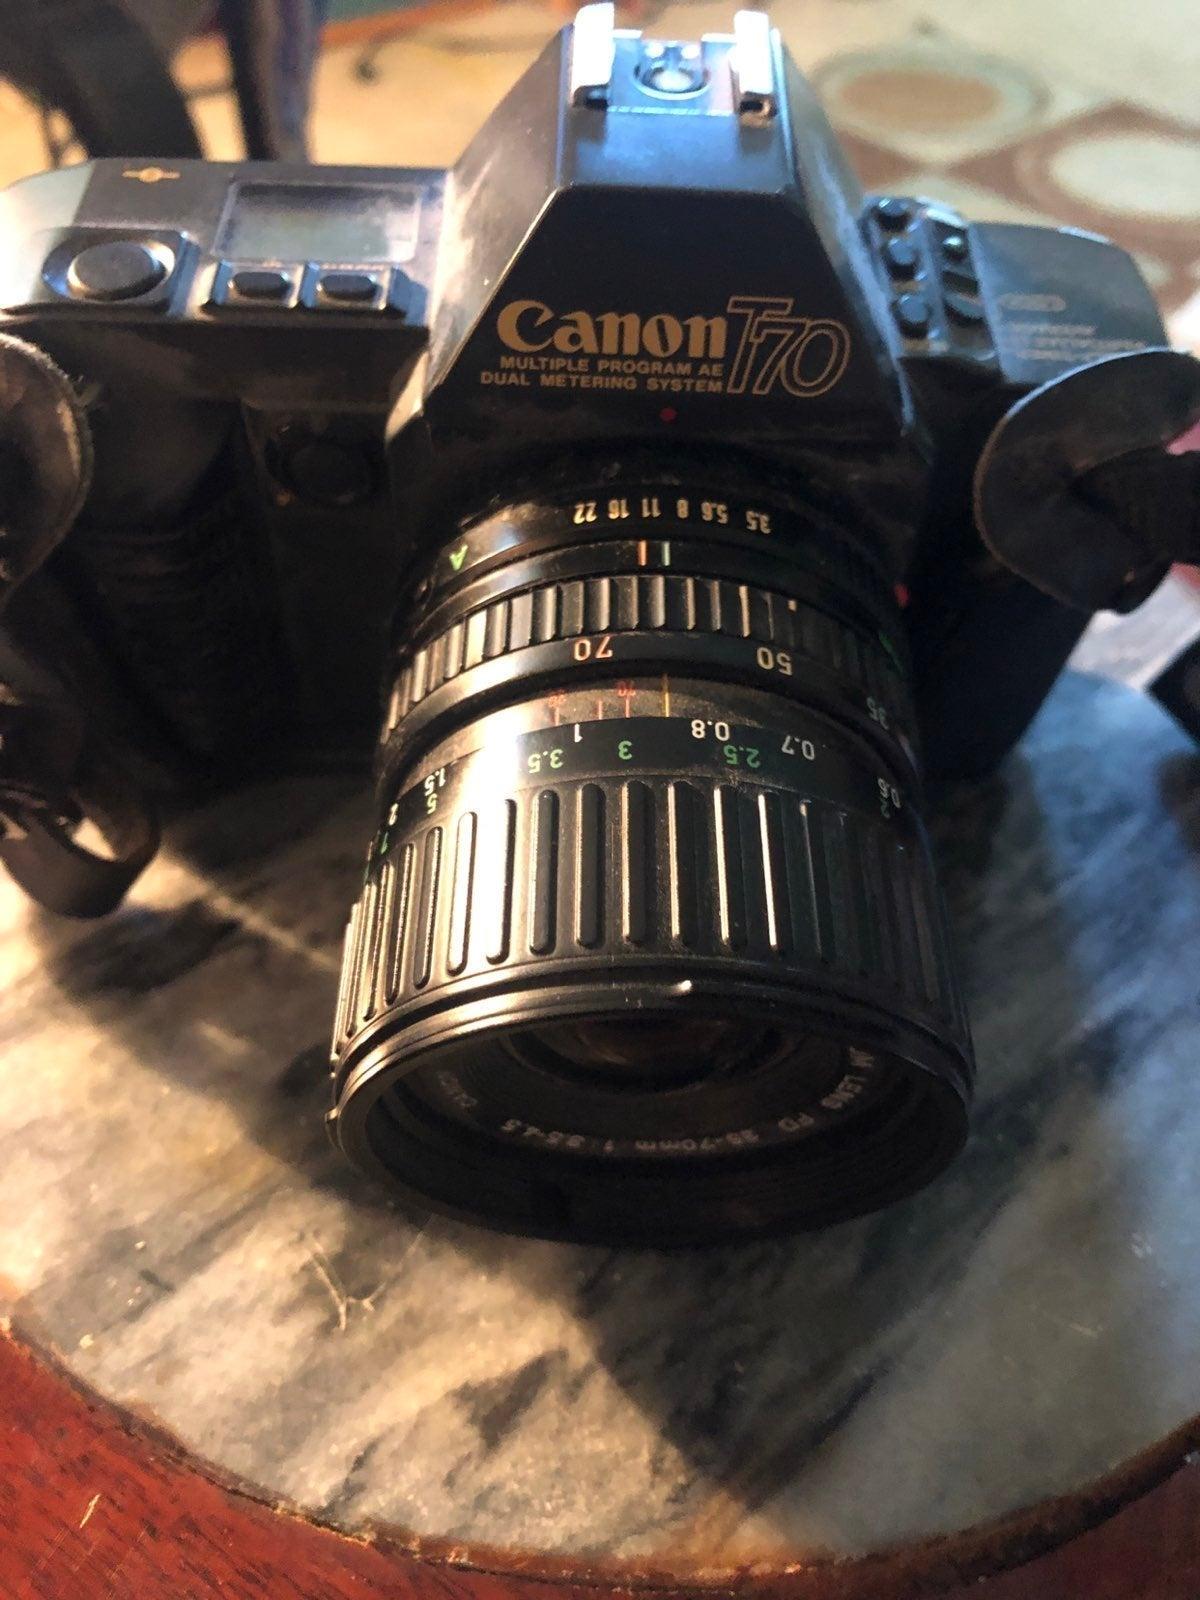 Canon camera T70